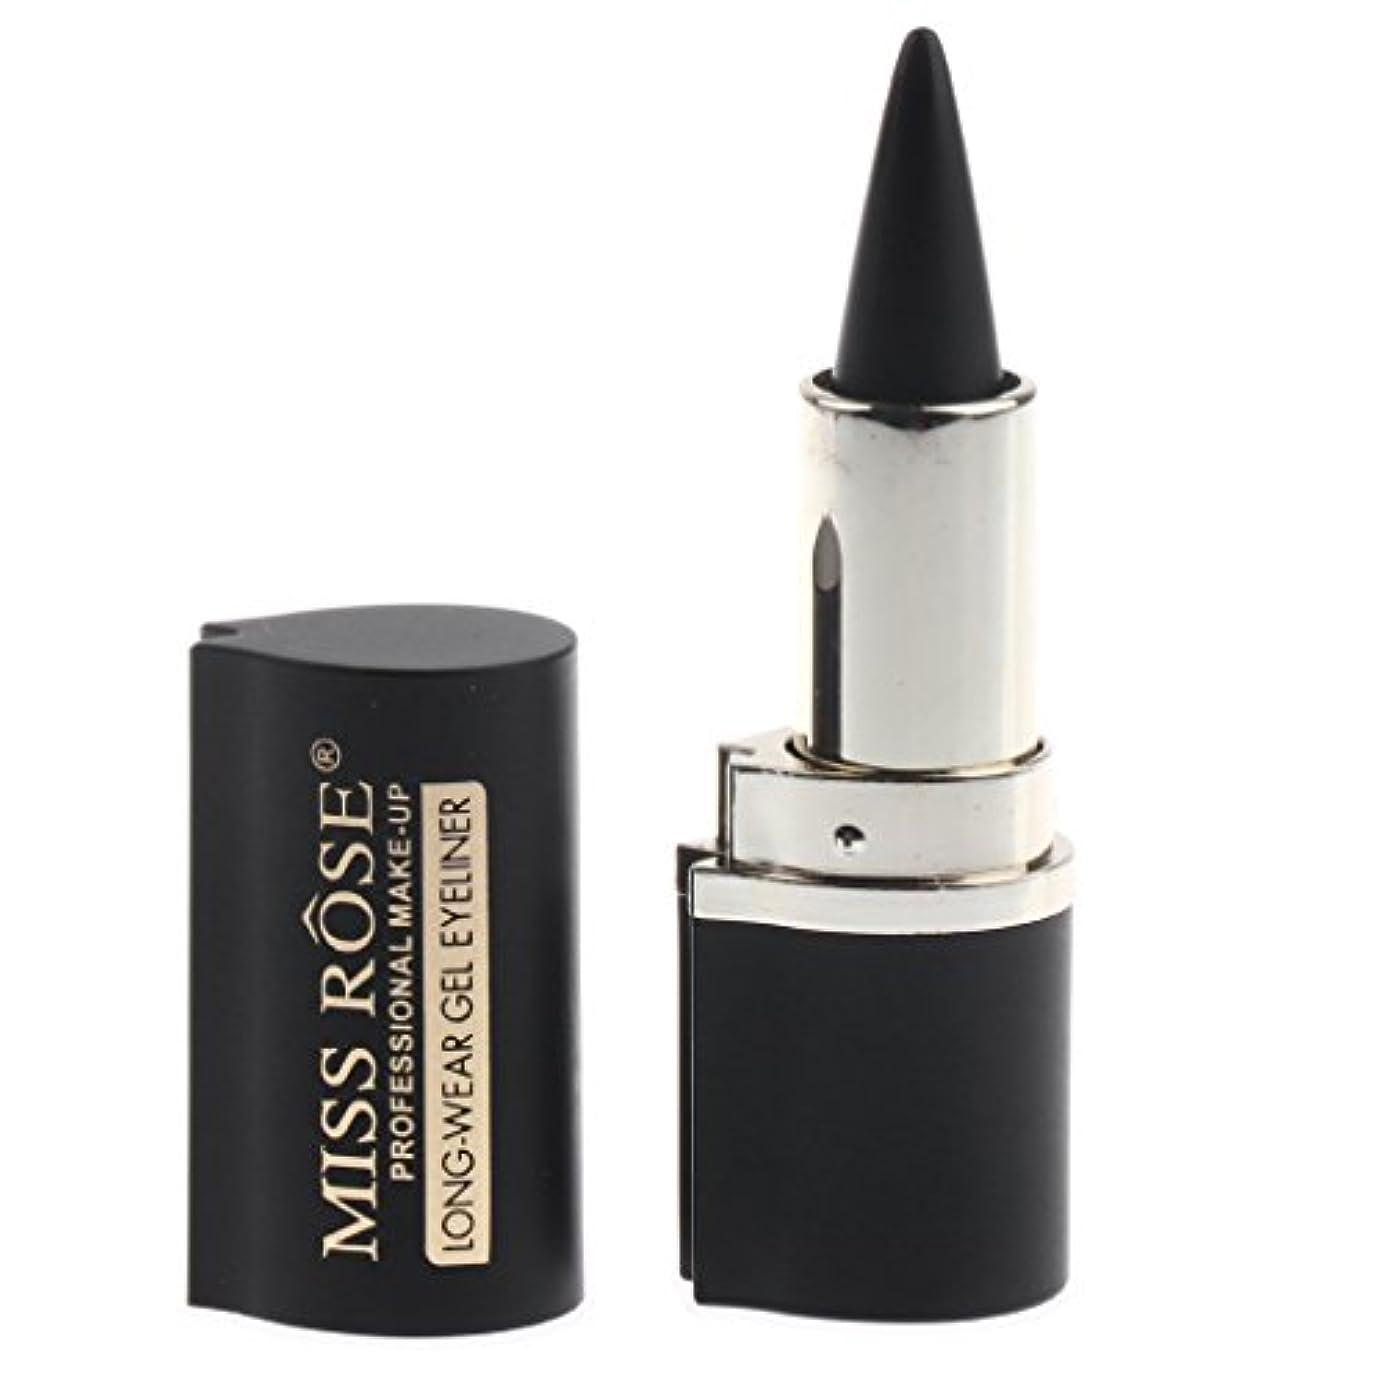 中シャツ実証するアイライナー ペーストペン 化粧品 アイライナージェル メイク 持ち運び簡単 アイメイク 耐水性